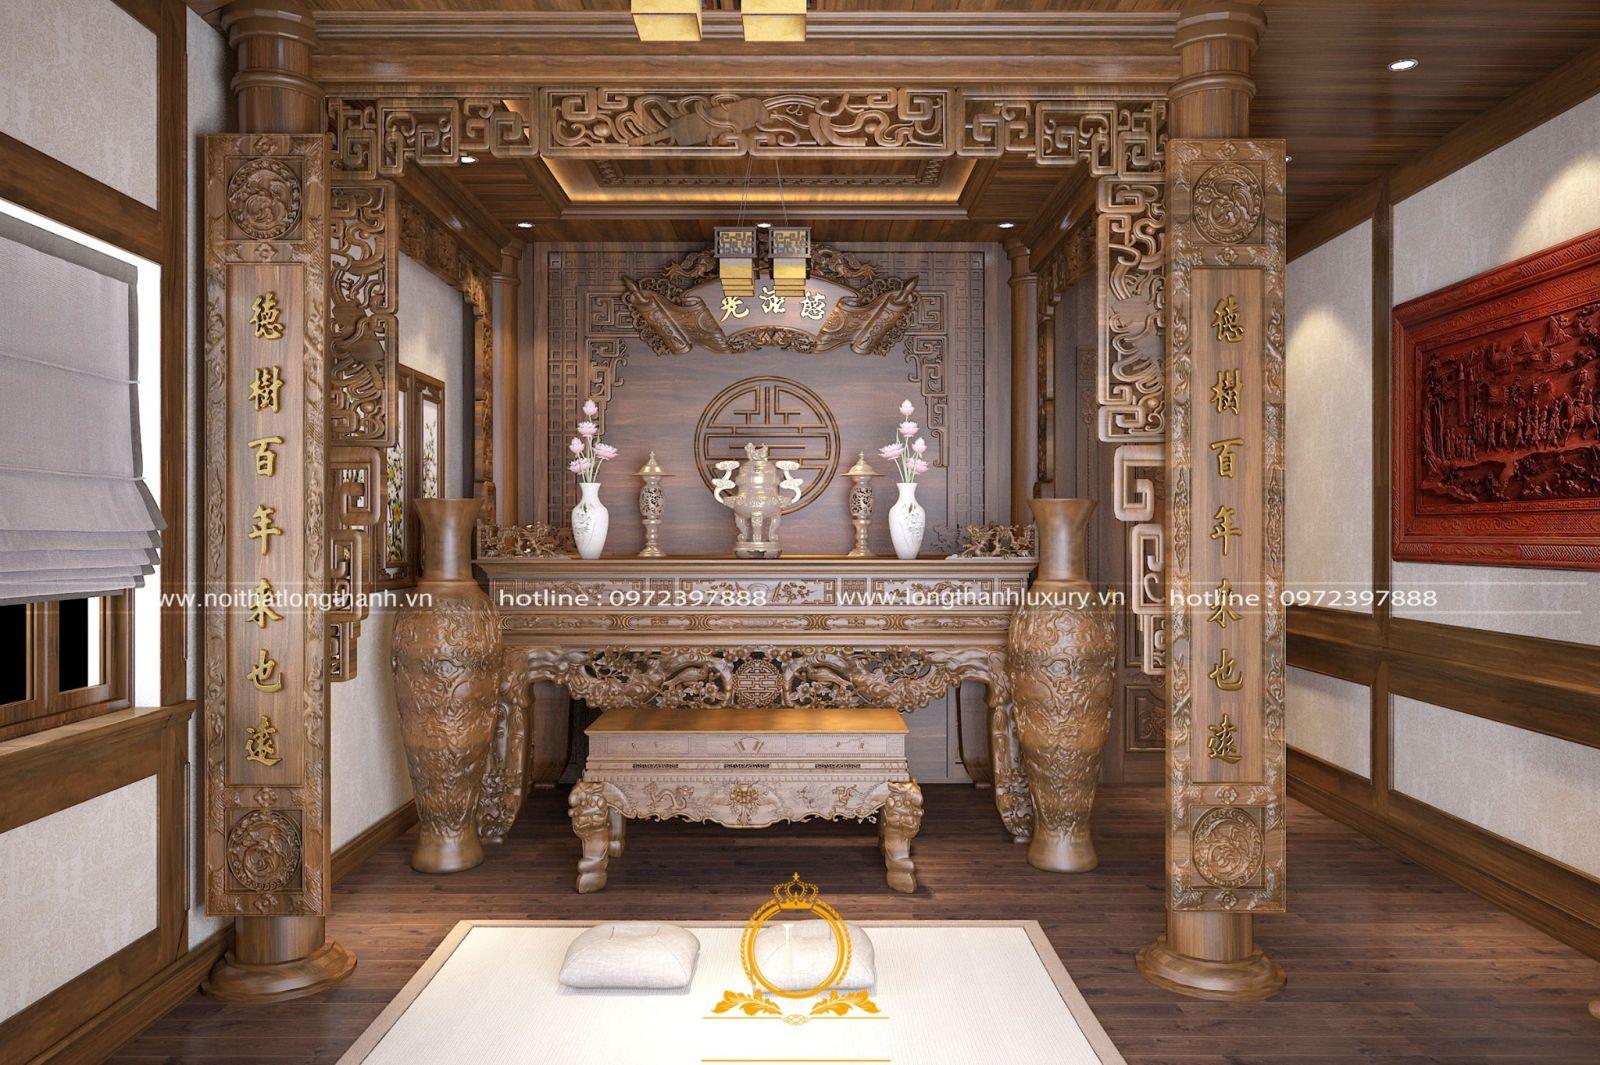 Trong phòng có thể sử dụng cây xanh hoặc lục bình làm trang trí